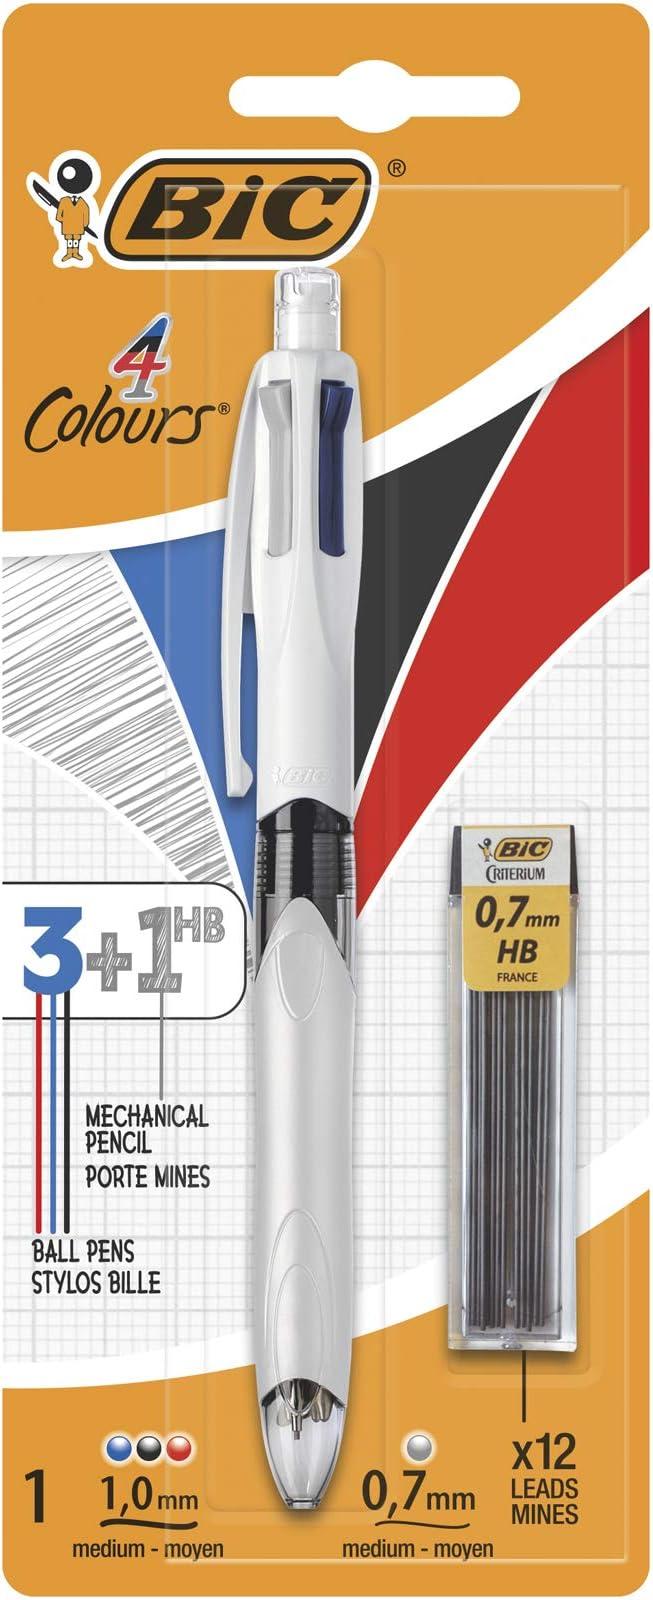 4606 opinioni per BIC 4 Colori Multifunzione Penna a Sfera a Scatto, Ottimi per la Scuola,3 colori